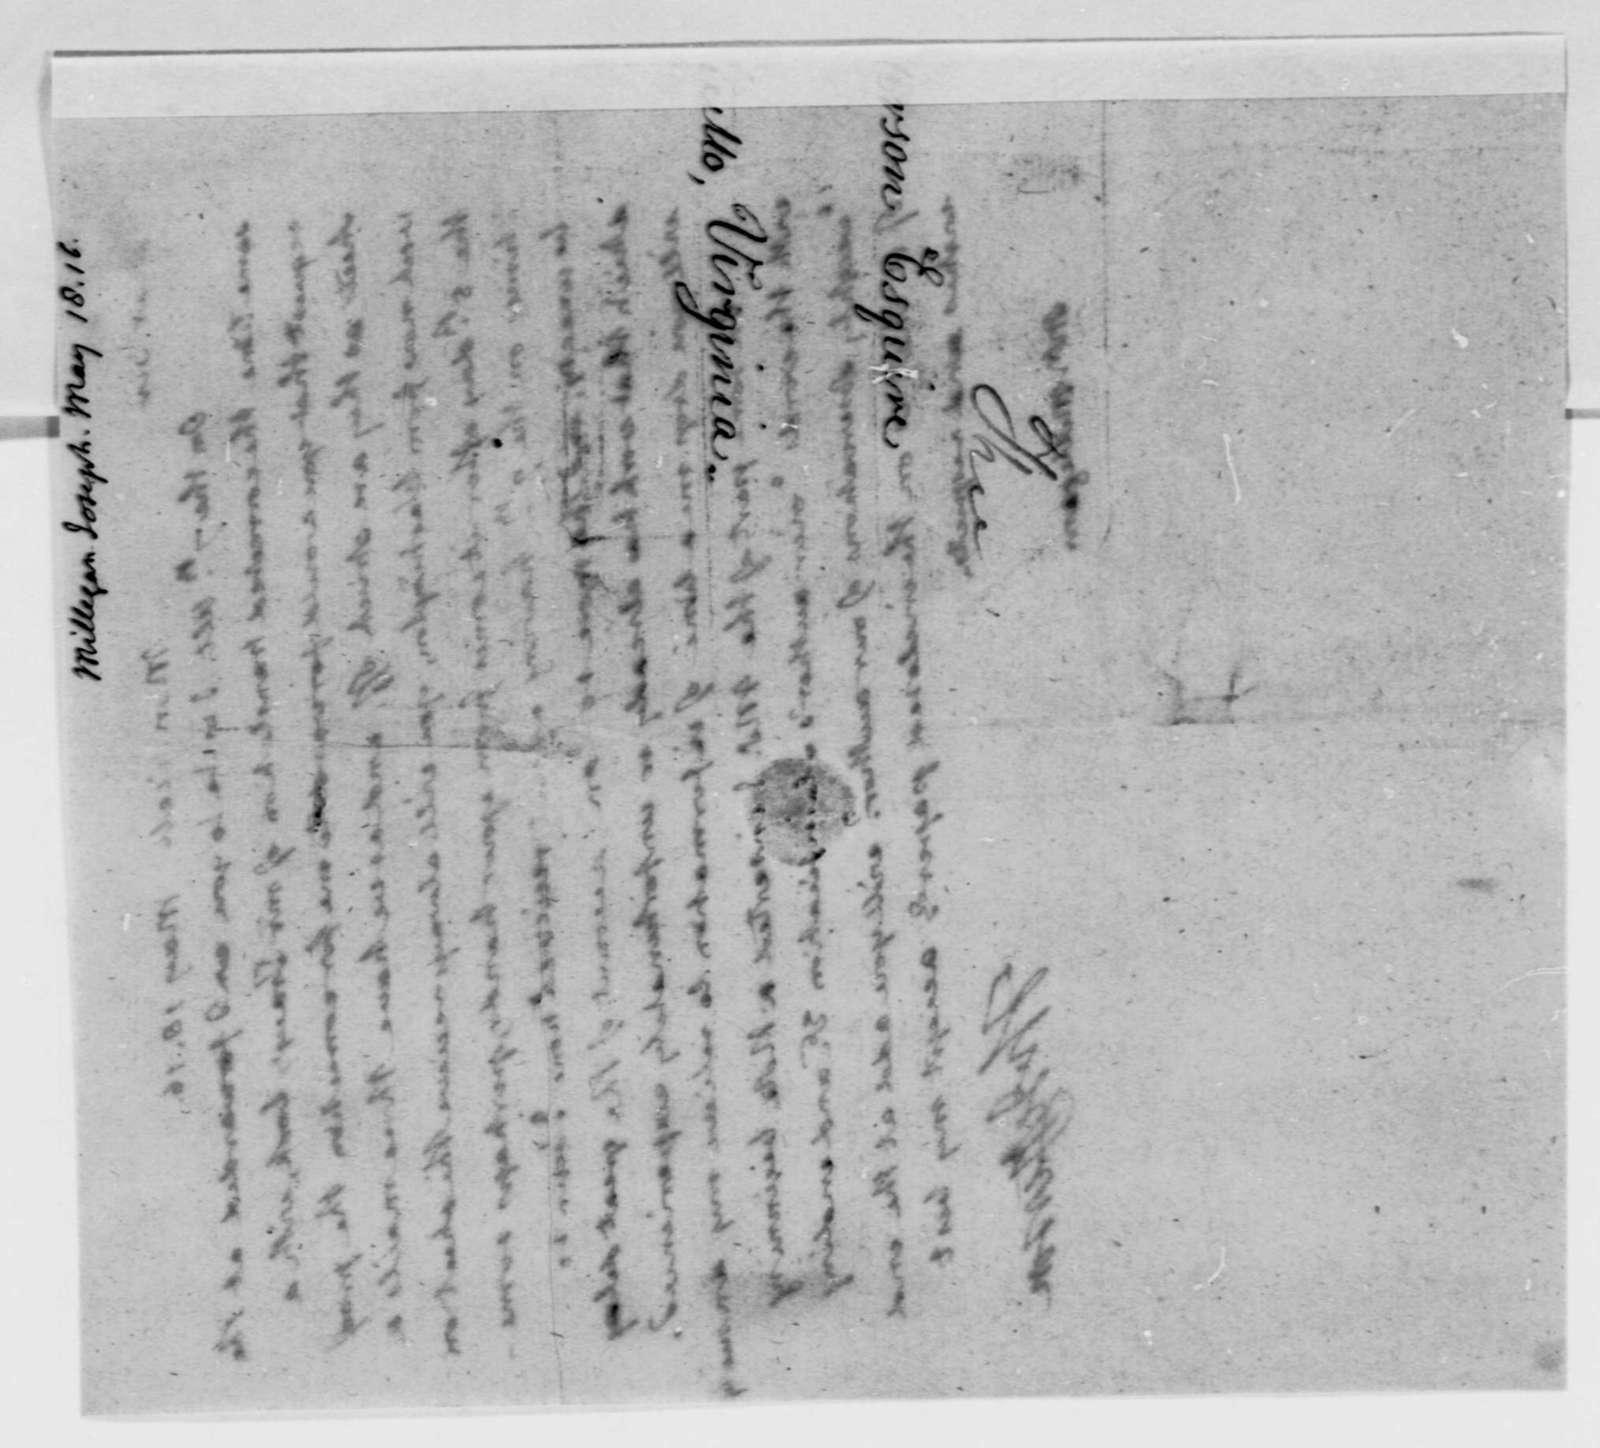 Thomas Jefferson to Joseph Milligan, May 18, 1816